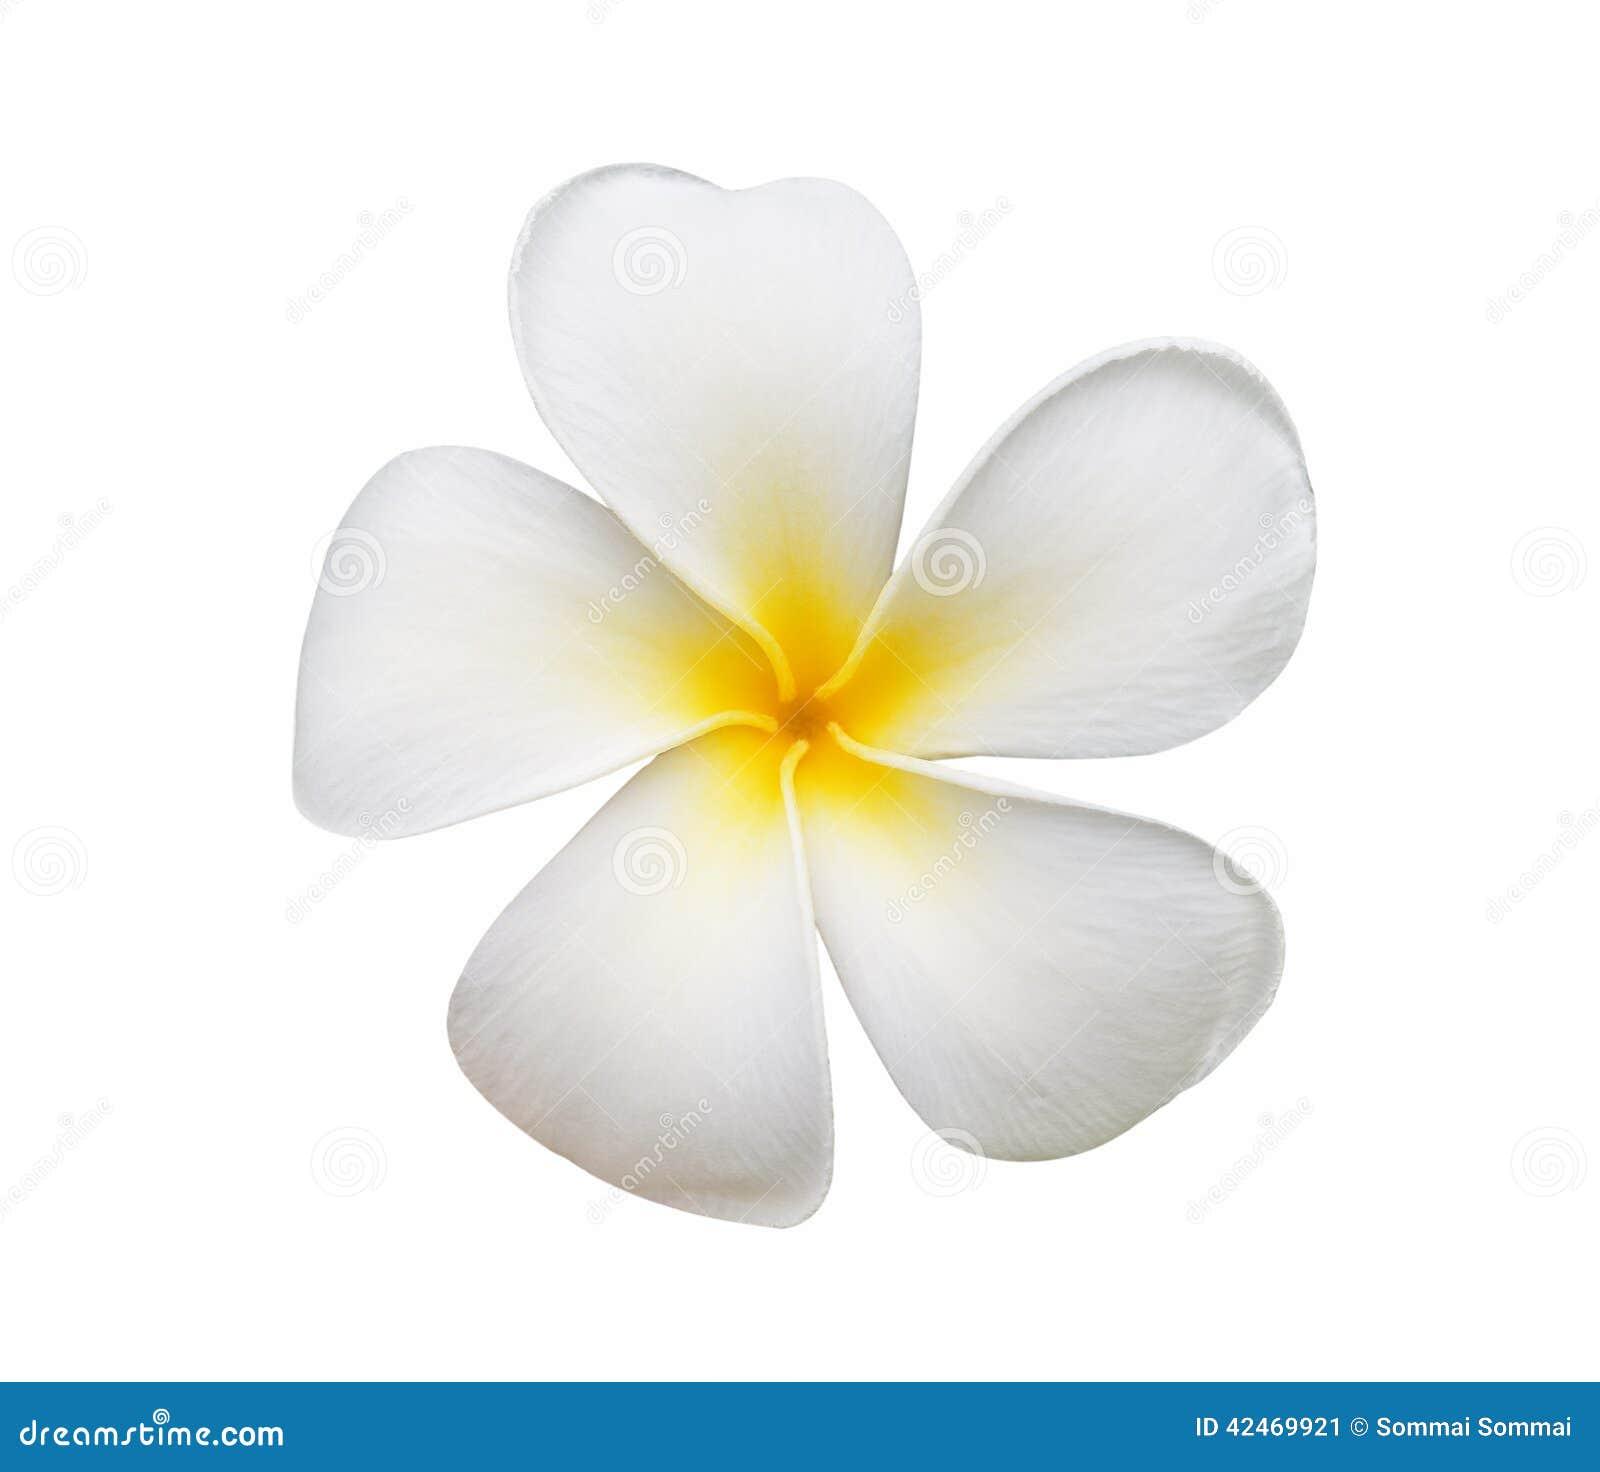 Frangipaniblume auf weißem Hintergrund